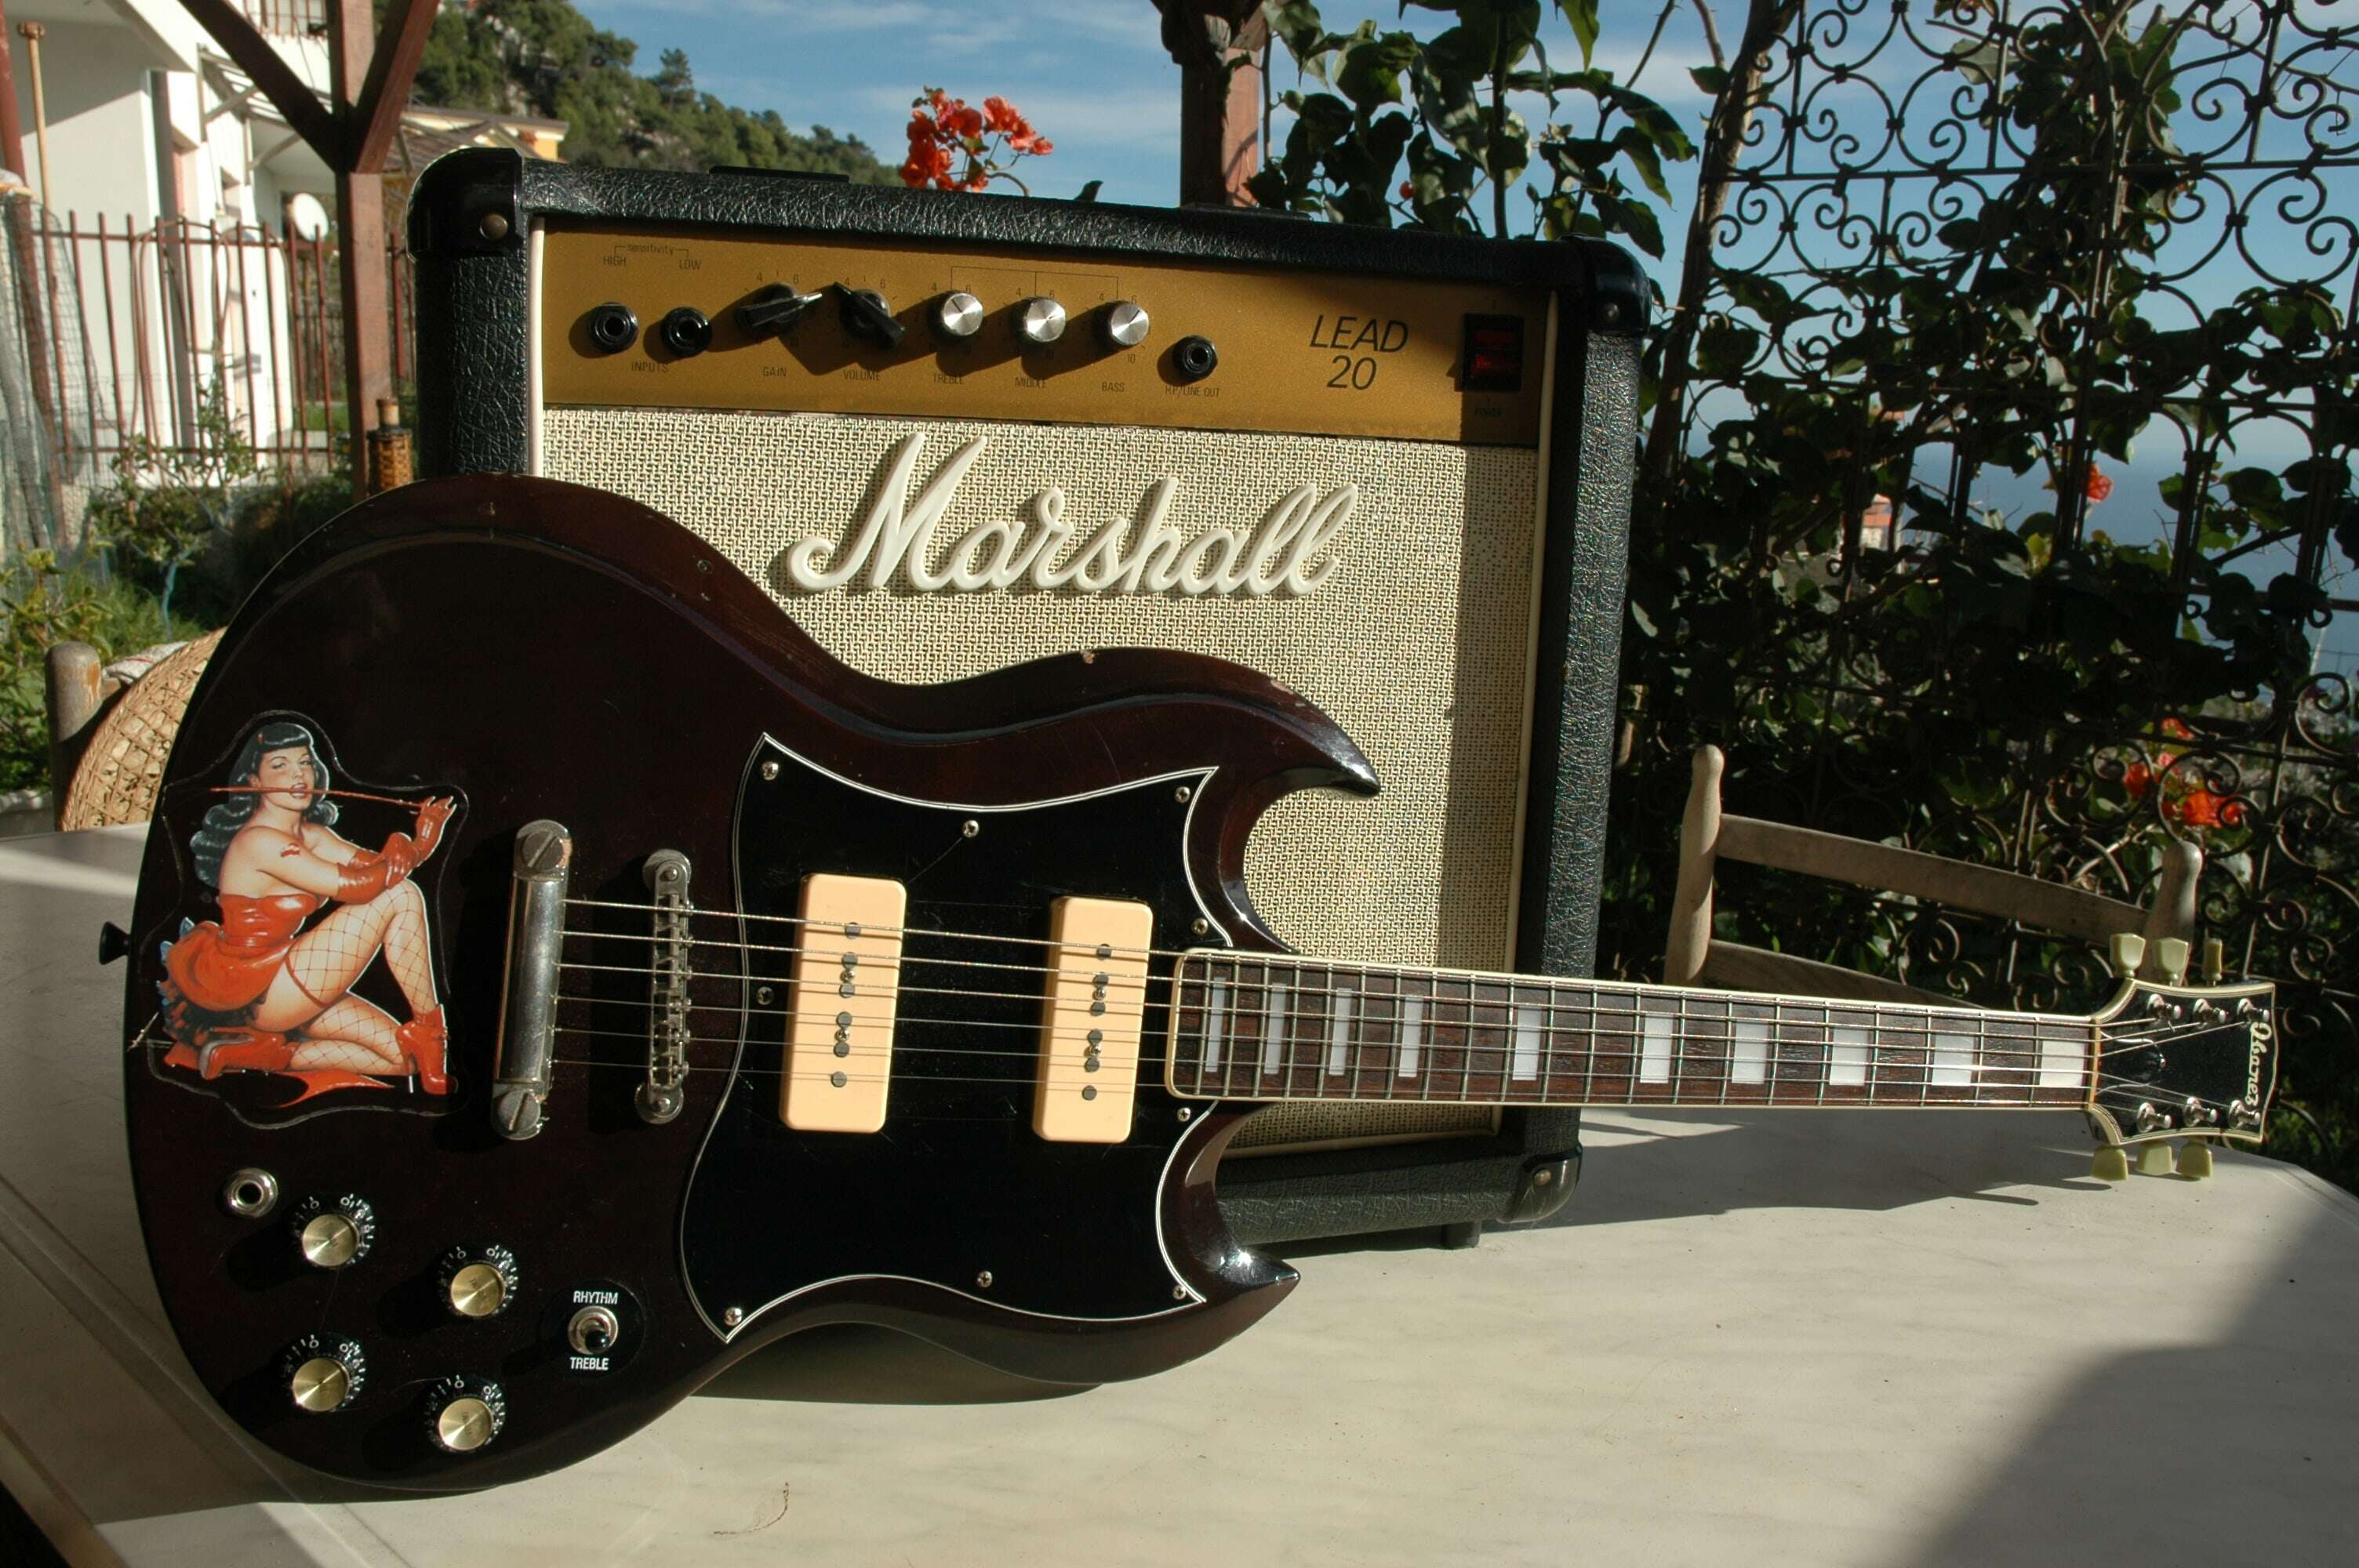 Elec - 33 - Ibanez SG Marshall-min.JPG